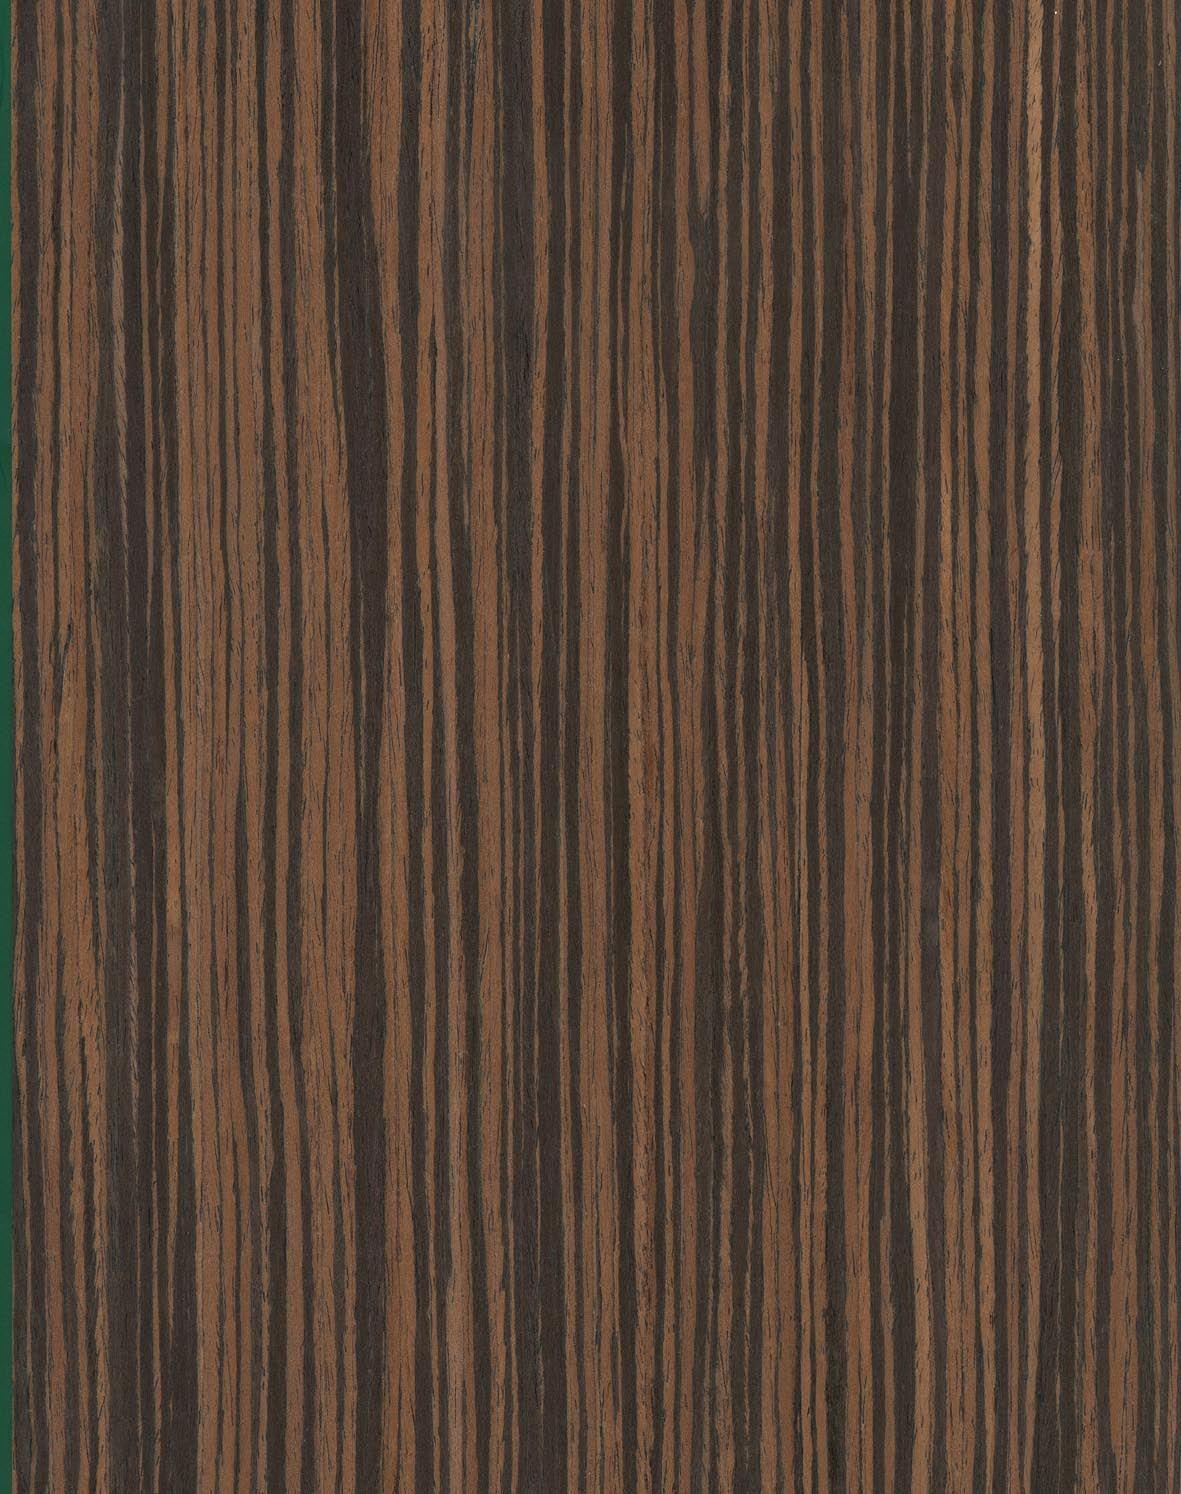 Maccassar Ebony Veneer Wood In 2019 Wood Veneer Veneer